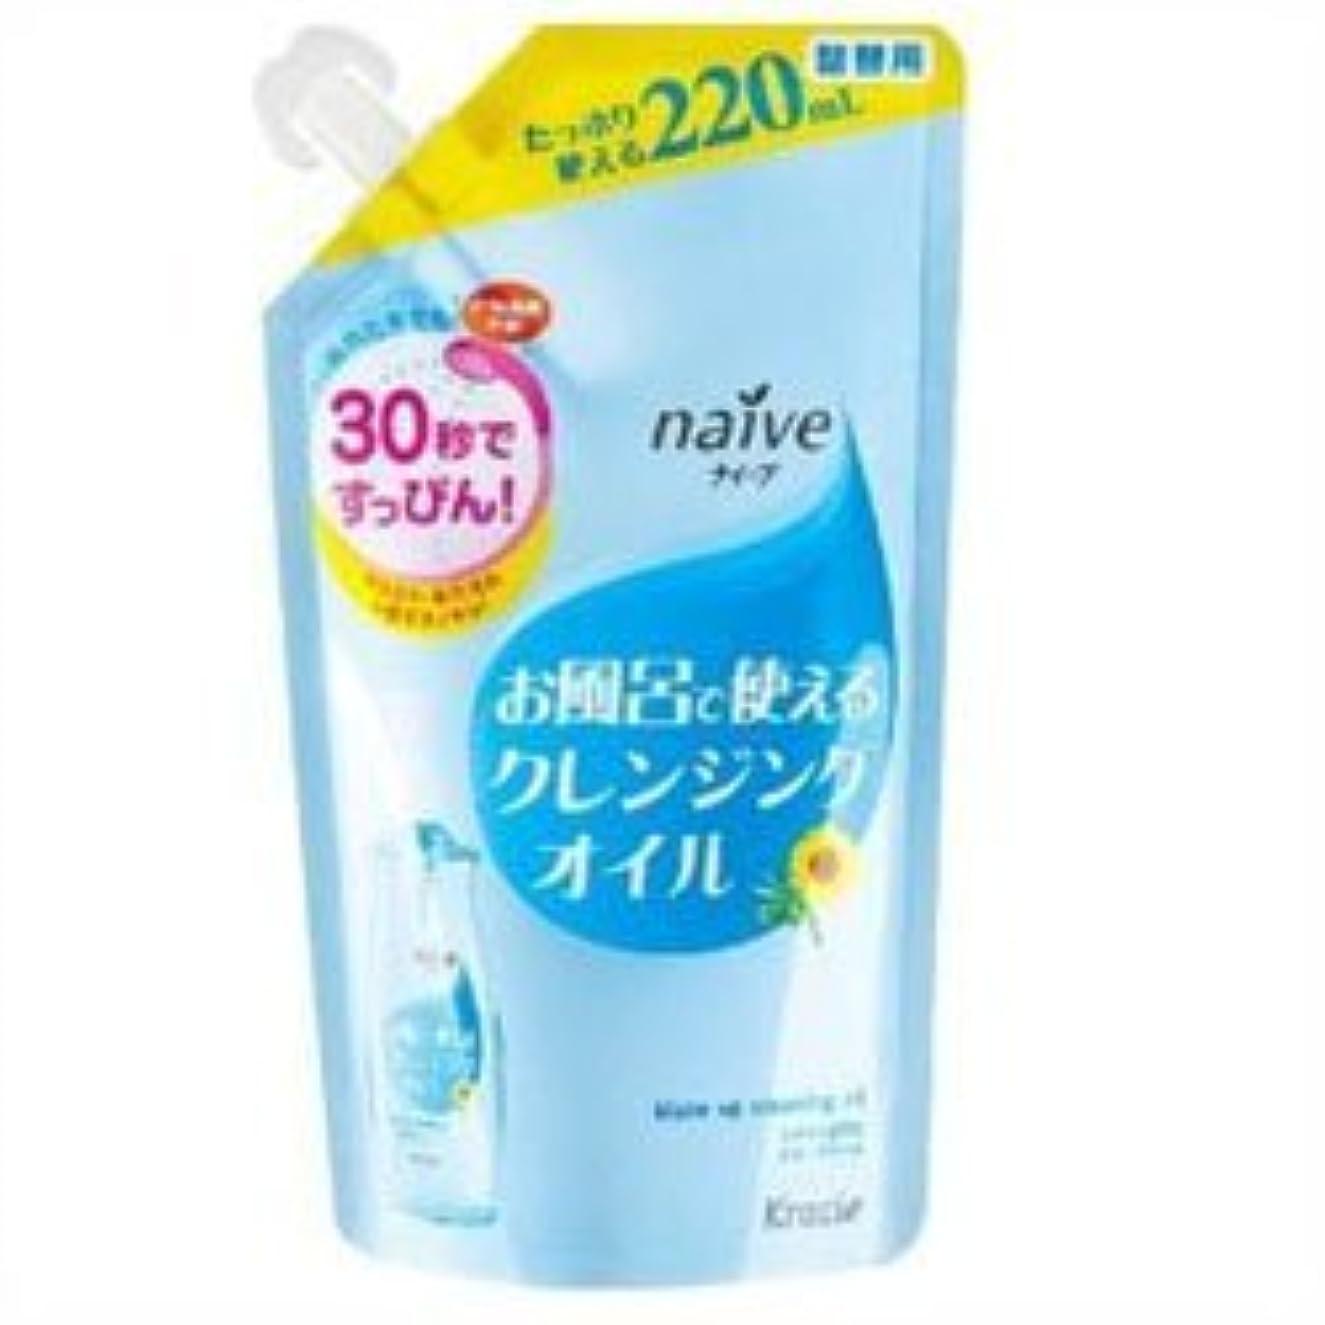 【クラシエホームプロダクツ】ナイーブ お風呂で使えるクレンジングオイル 詰替用 220ml ×5個セット